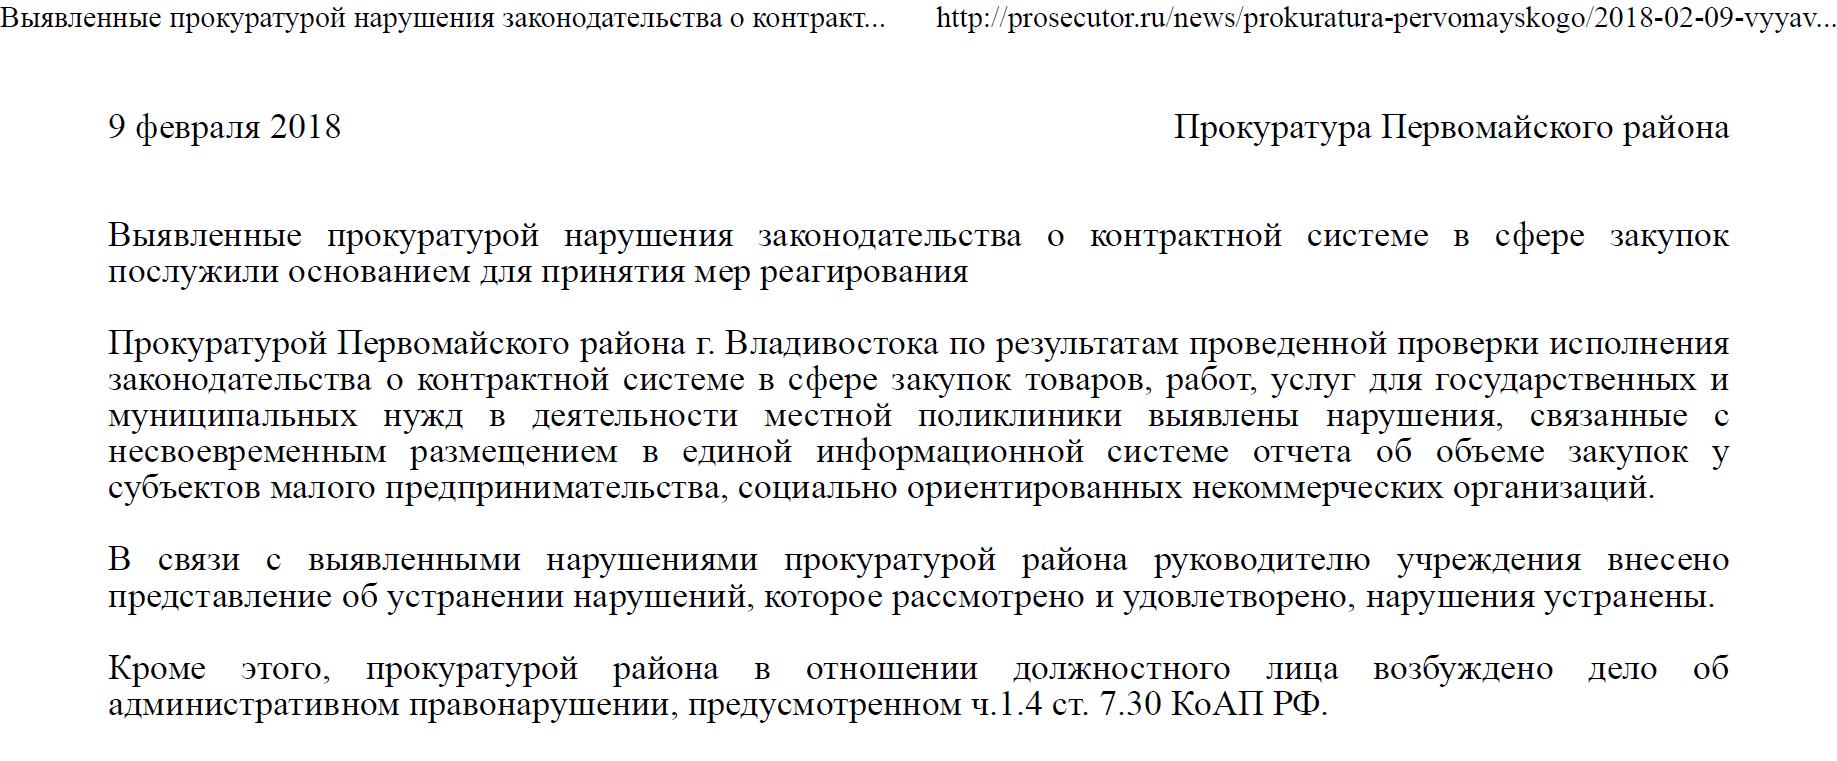 штраф за несвоевременный отчет о закупках у СМП